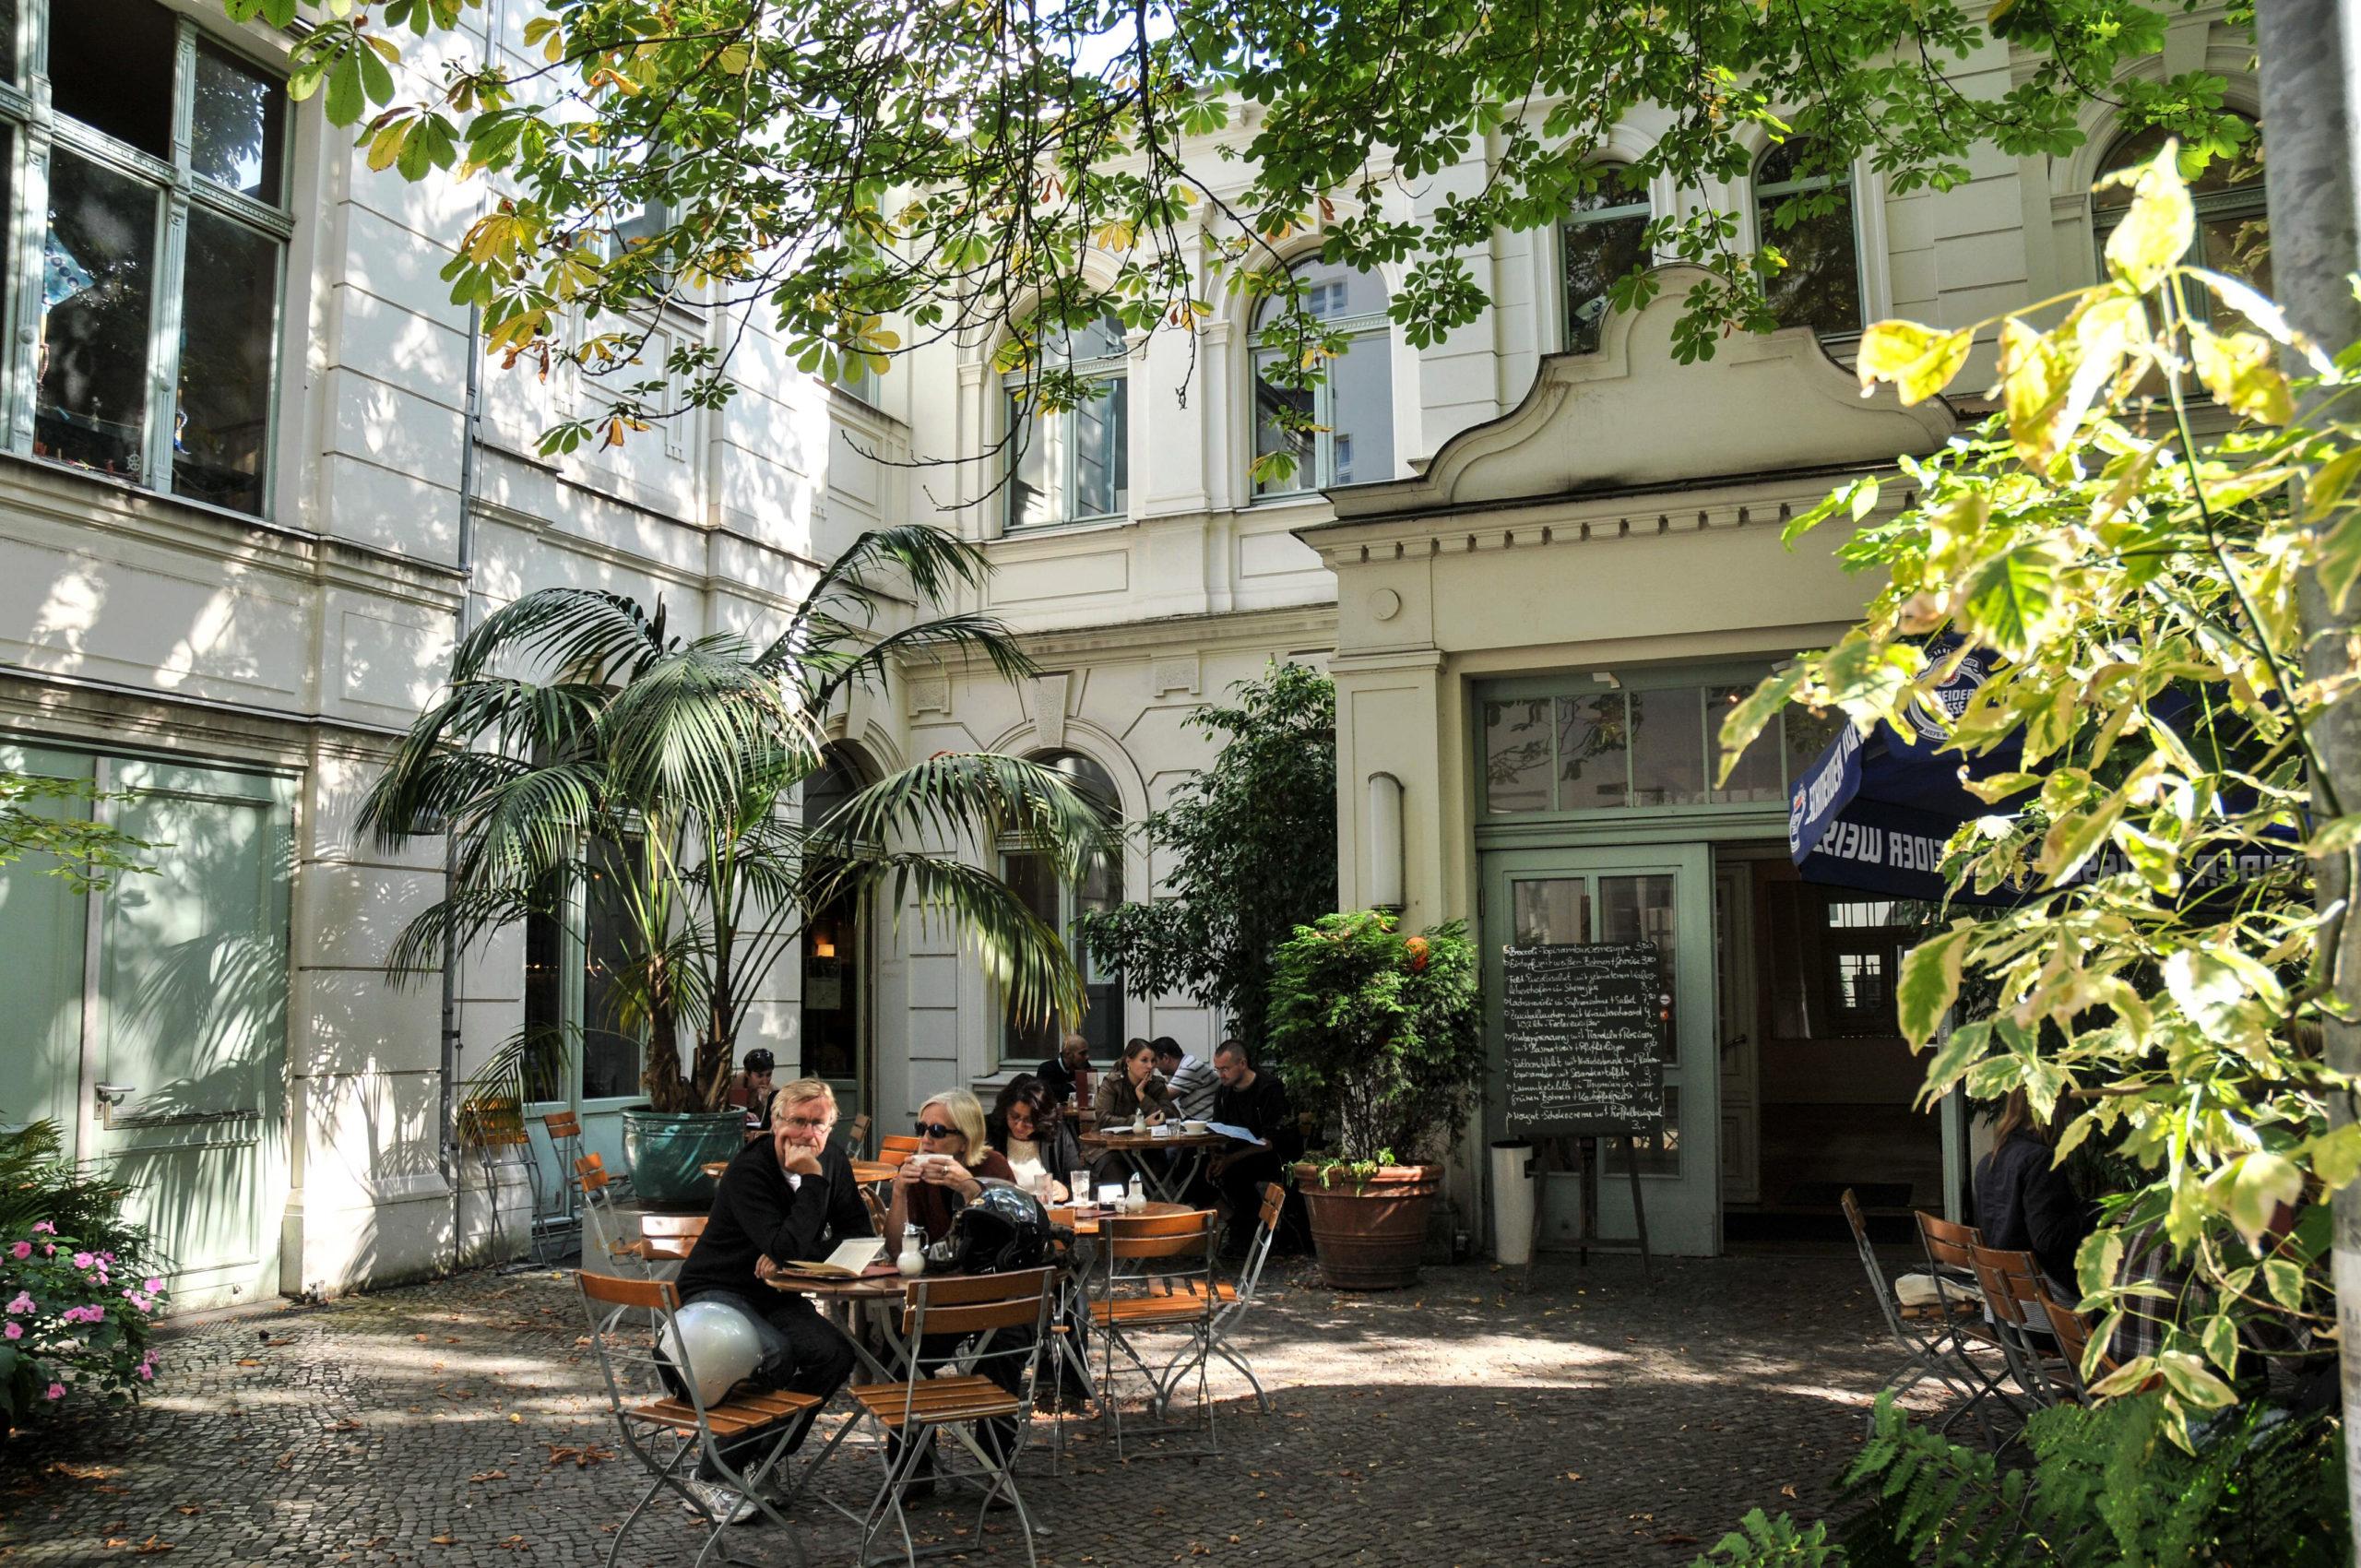 Gartenrestaurant in Berlin Traditioneller Geheimtipp in Neukölln: Das Café Rix serviet leckeres Essen in lockerer Atmosphäre.